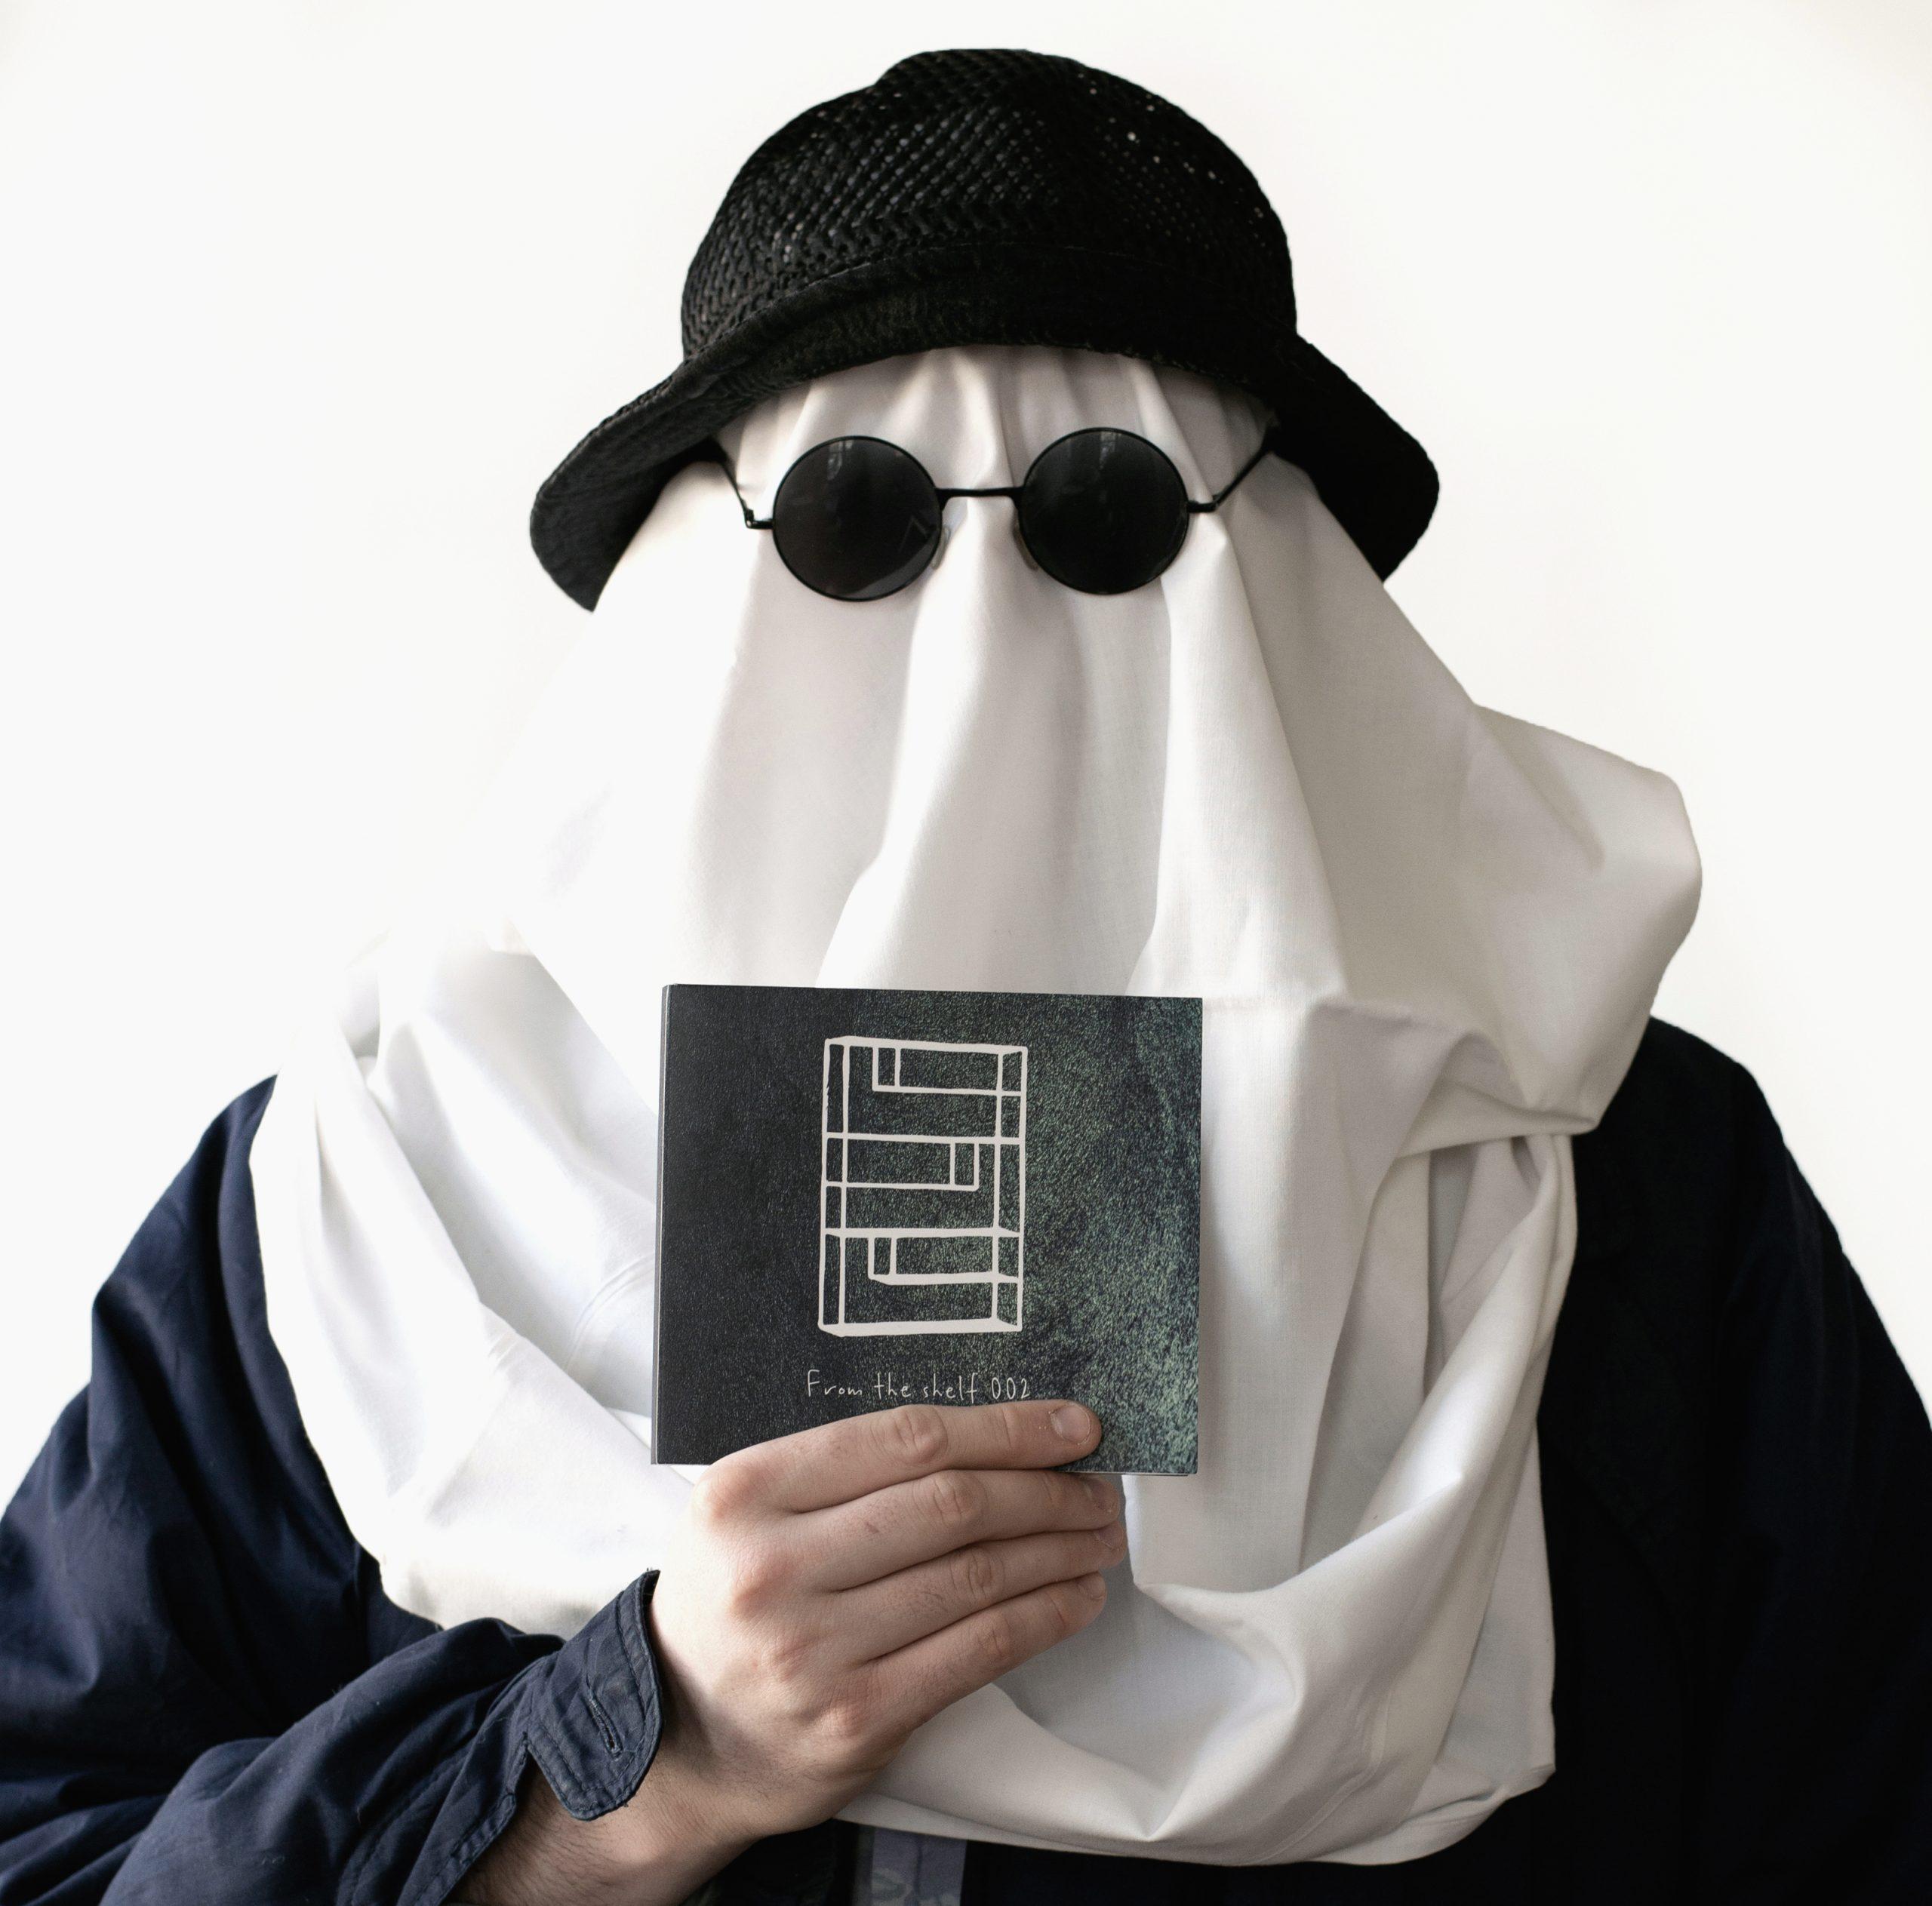 From The Shelf 002, la deuxième compilation du label lillois Ghost of the Shelf